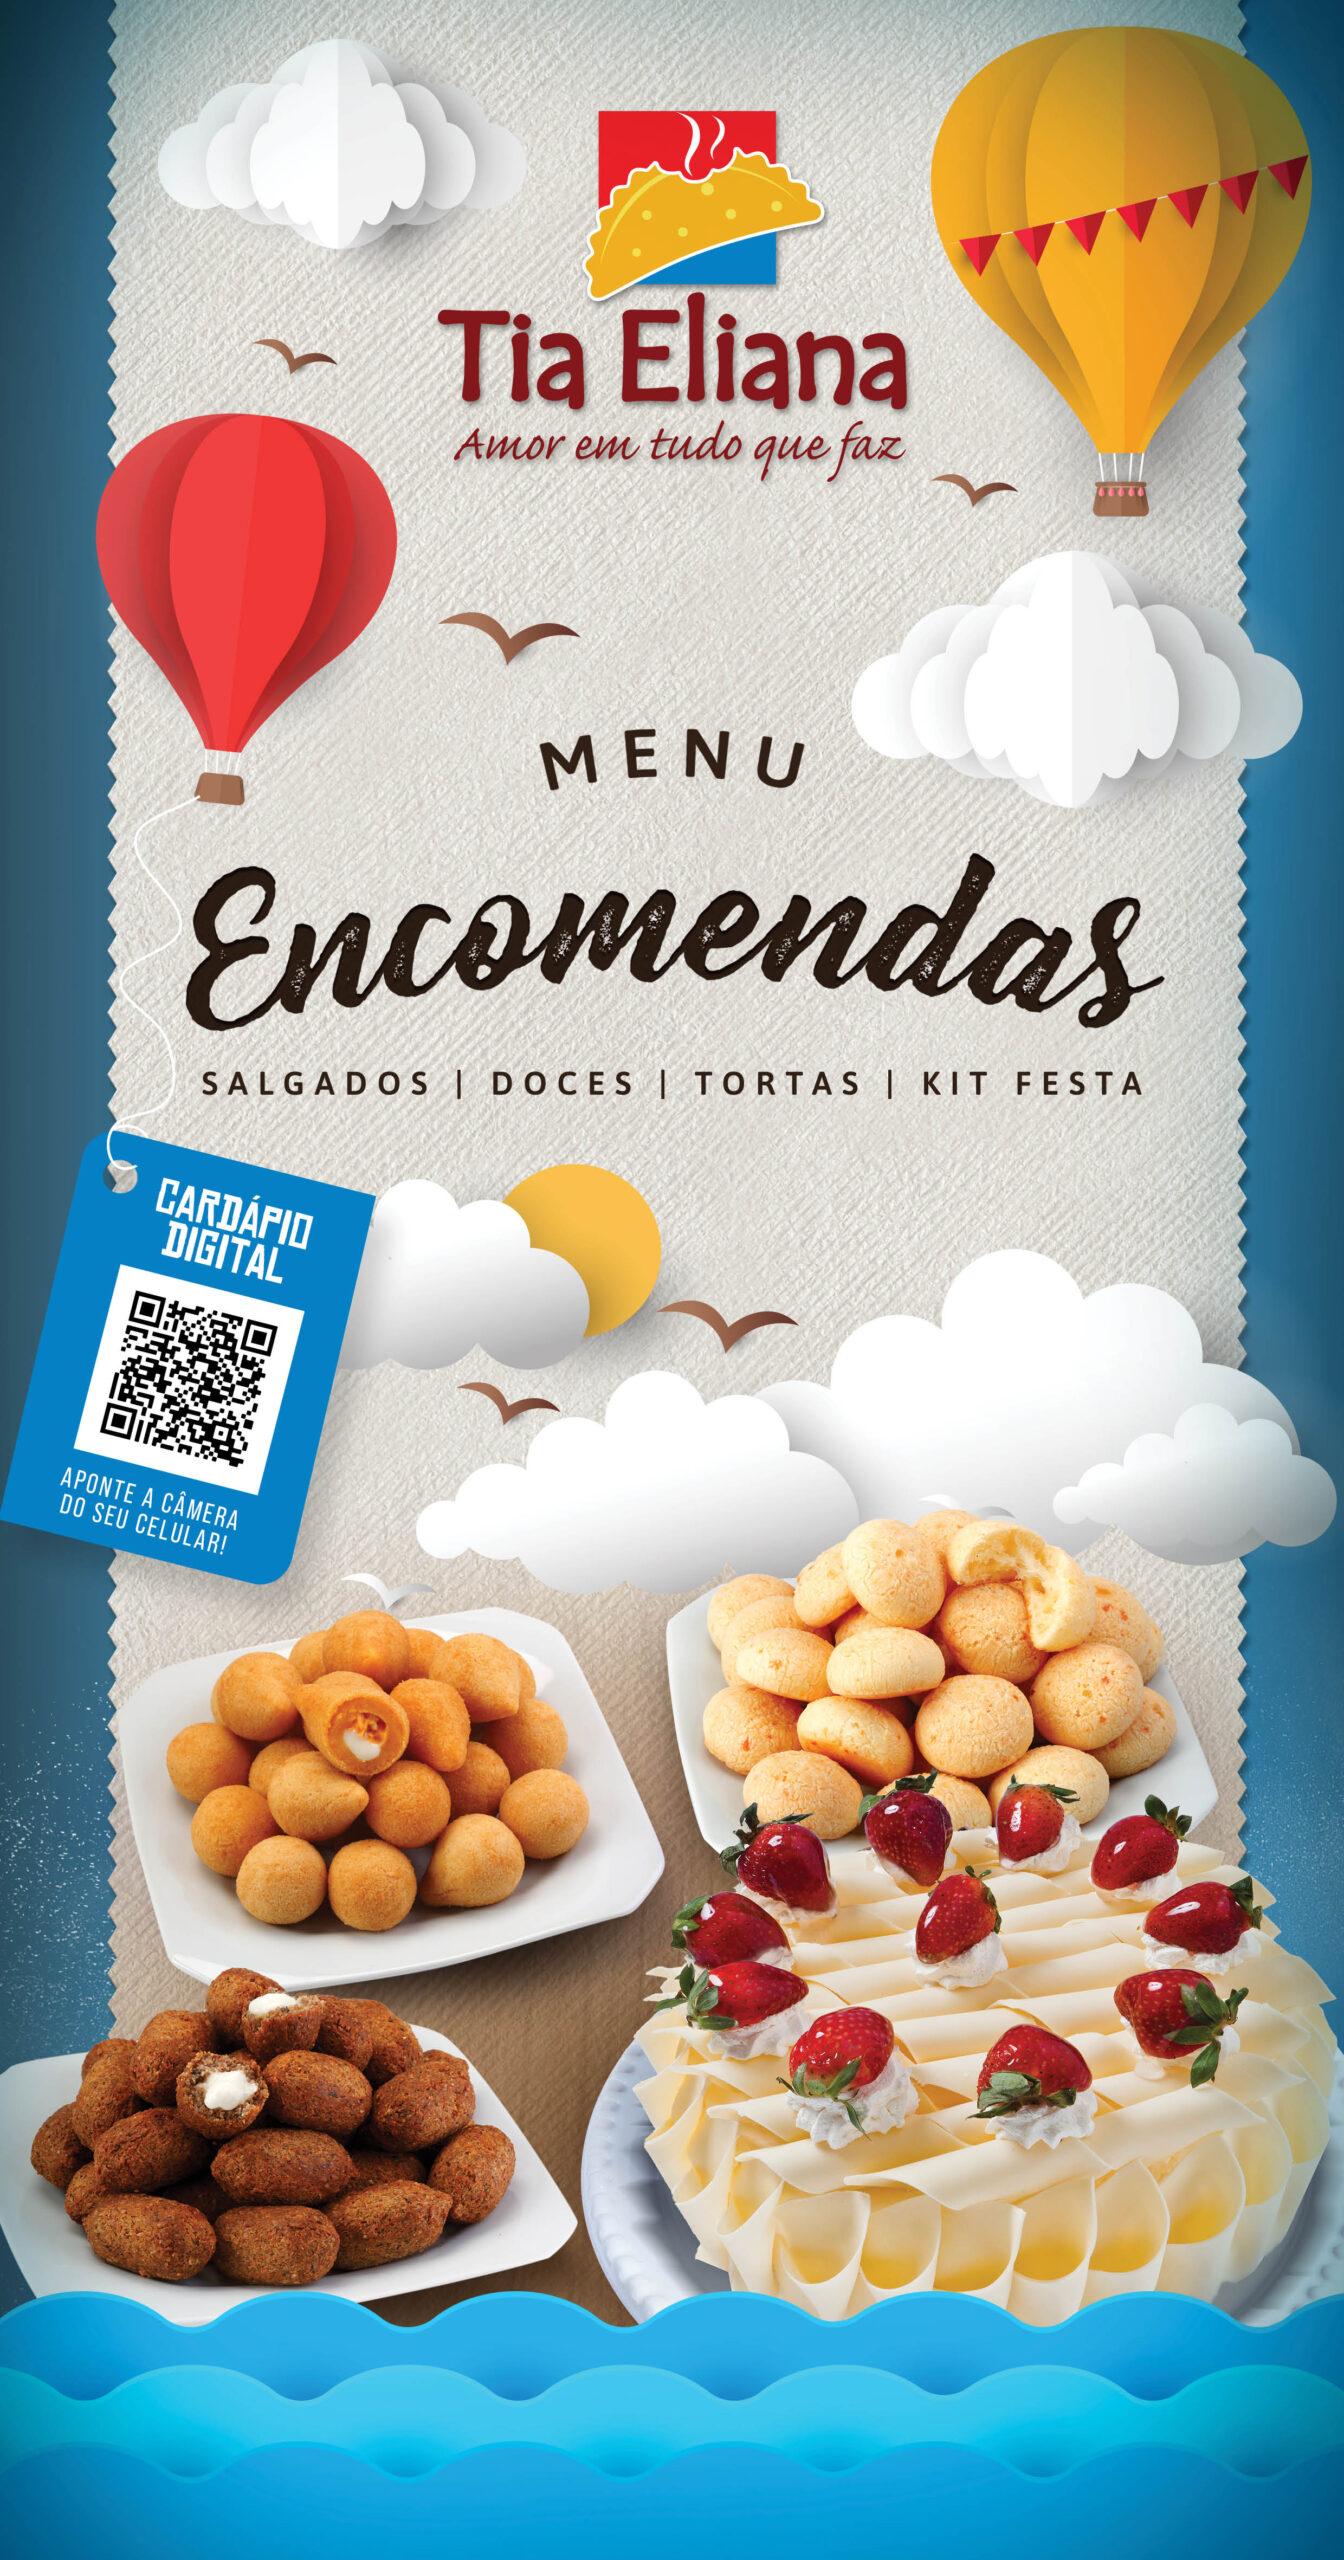 cardapio_encomendas_40x21cm_tia_eliana_capital_santa_efigenia-scaled Encomendas - Santa Efigênia